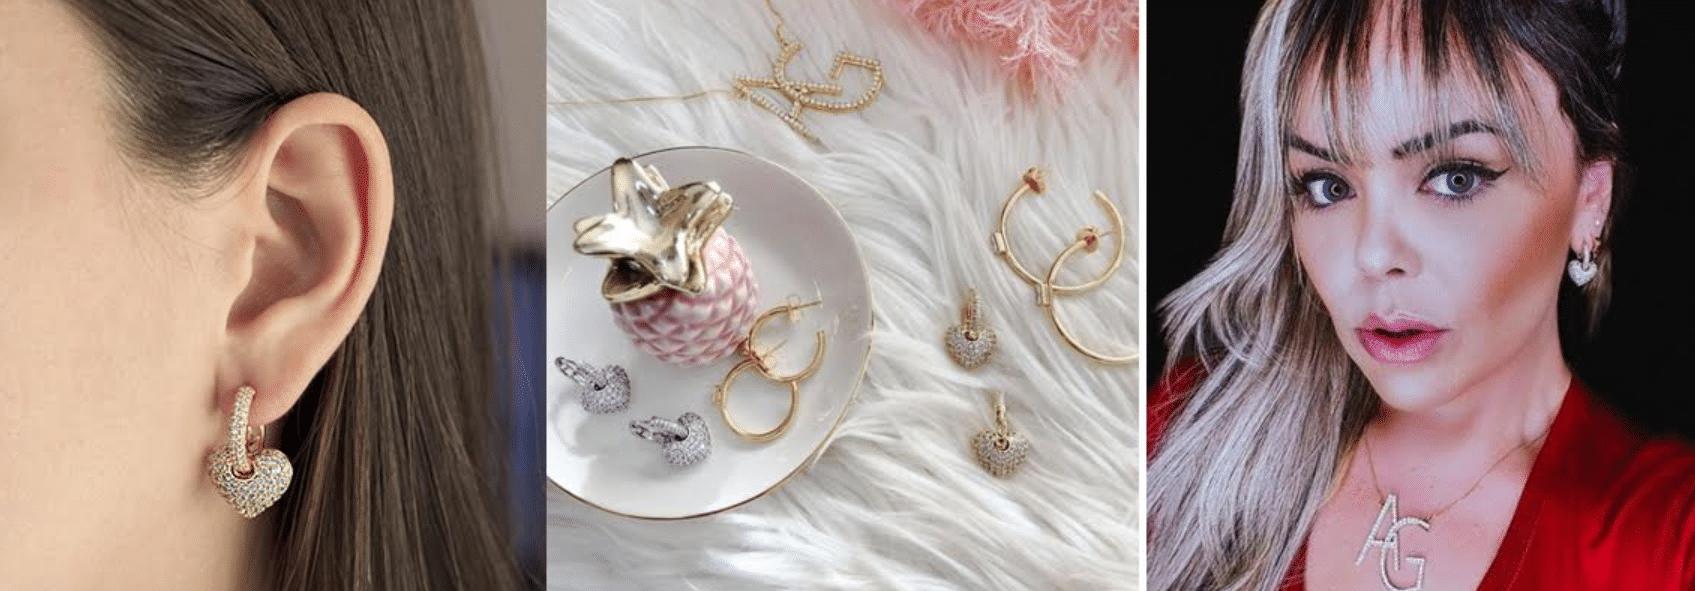 modelos usando brincos dourados de festa com argolas fechadas e adornos de coração